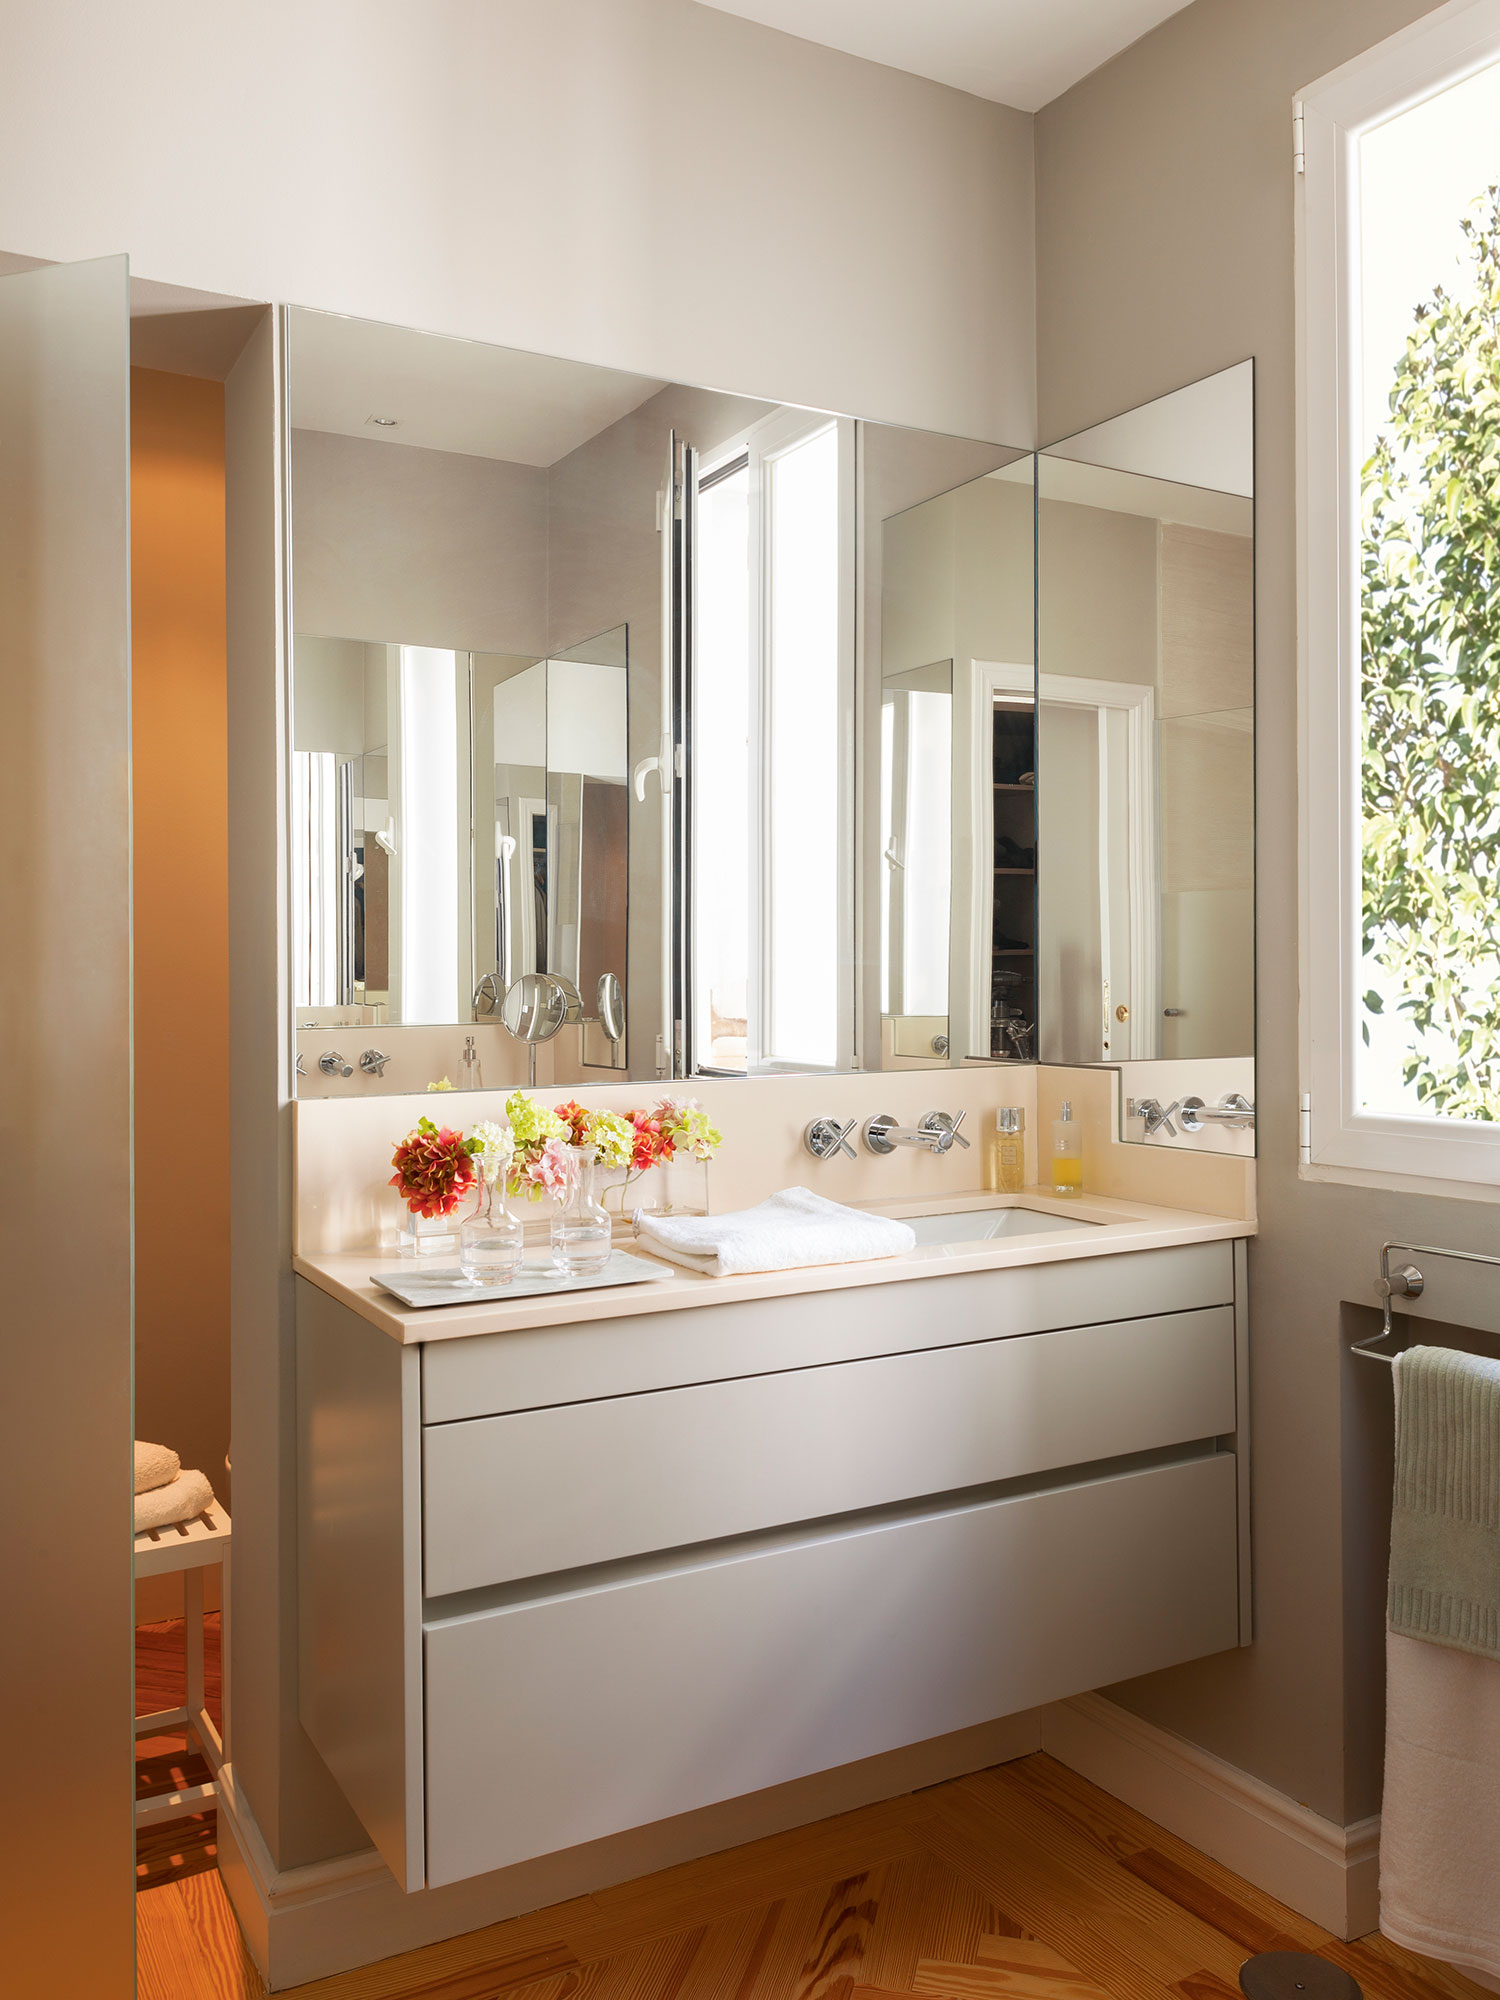 Claves para multiplicar la luz y la claridad del ba o for Espejos de bano originales